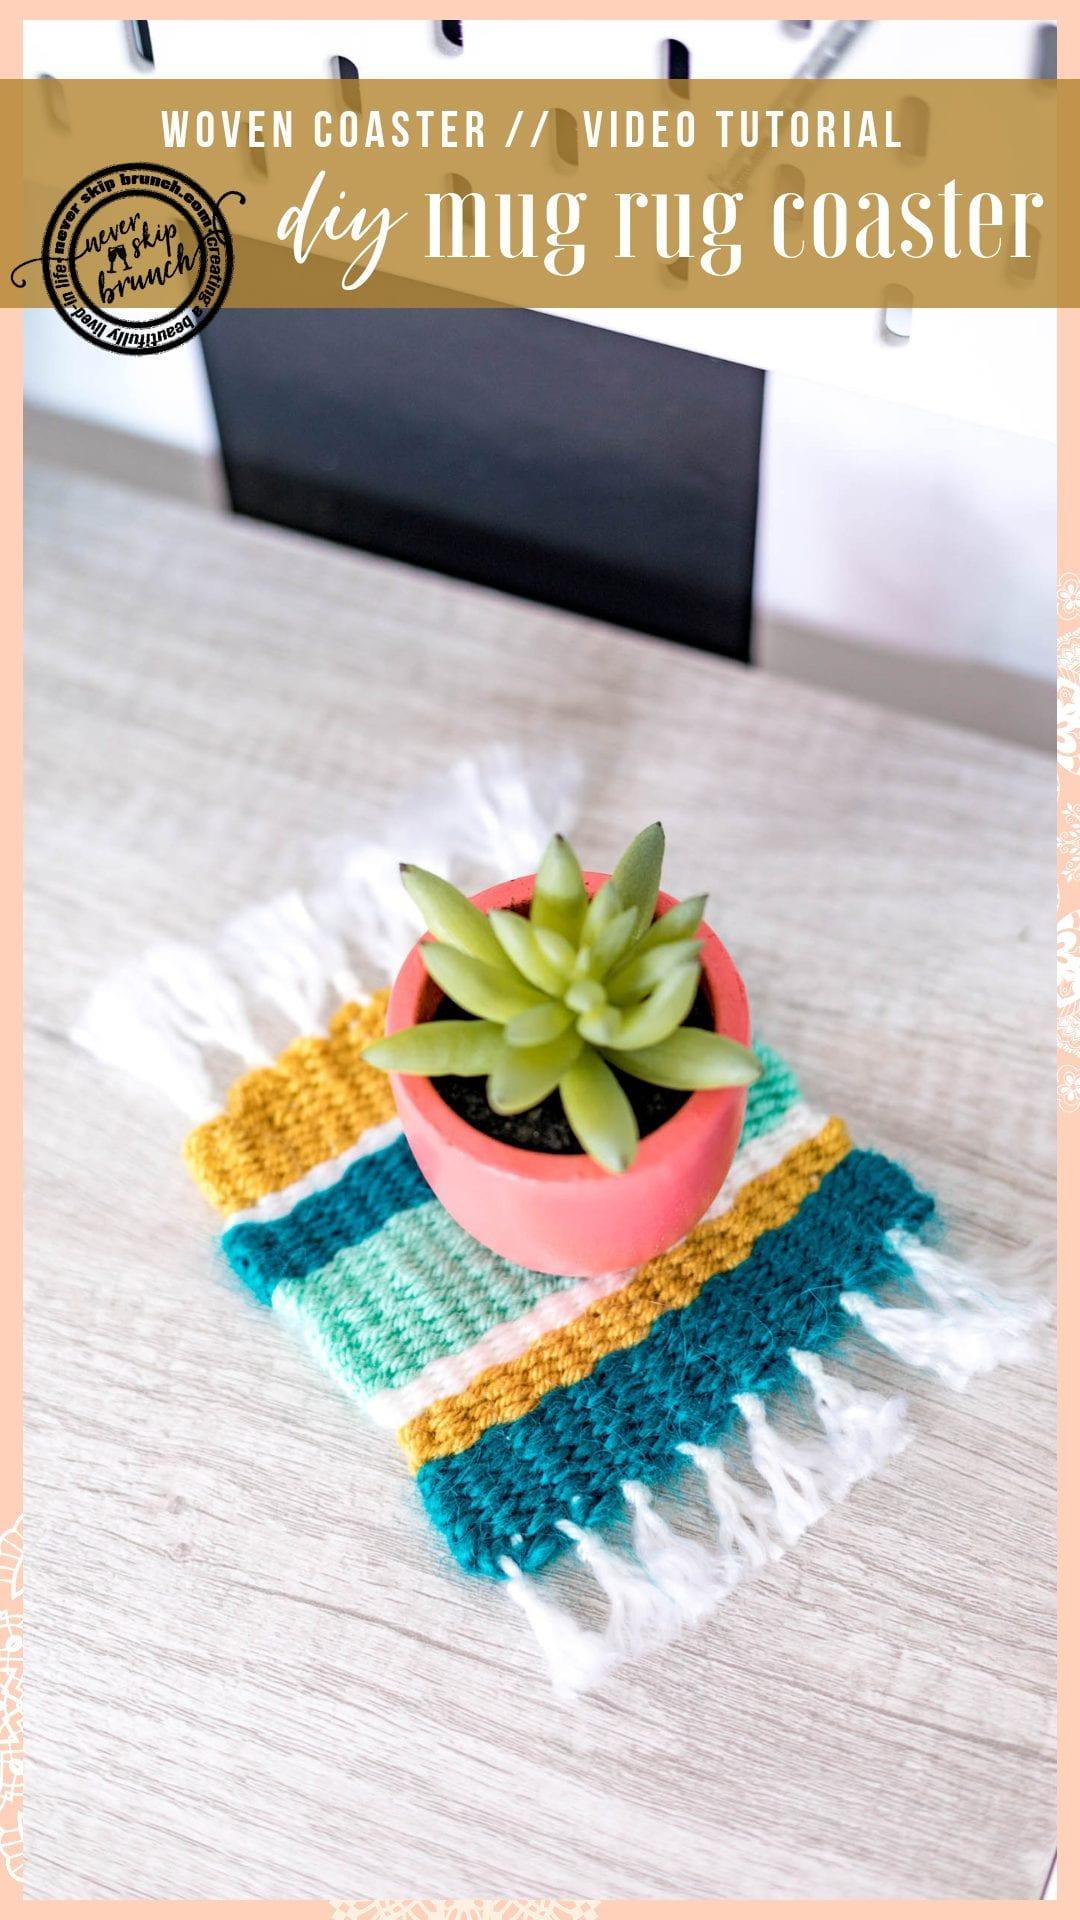 EASY BOHO CHIC DECOR!  Coaster DIY Yarn | coaster diy ideas | coaster diy easy | woven coasters | woven coasters diy | woven coasters diy free pattern | Never Skip Brunch by Cara Newhart | #neverskipbrunch #DIY #decor #yarn #boho